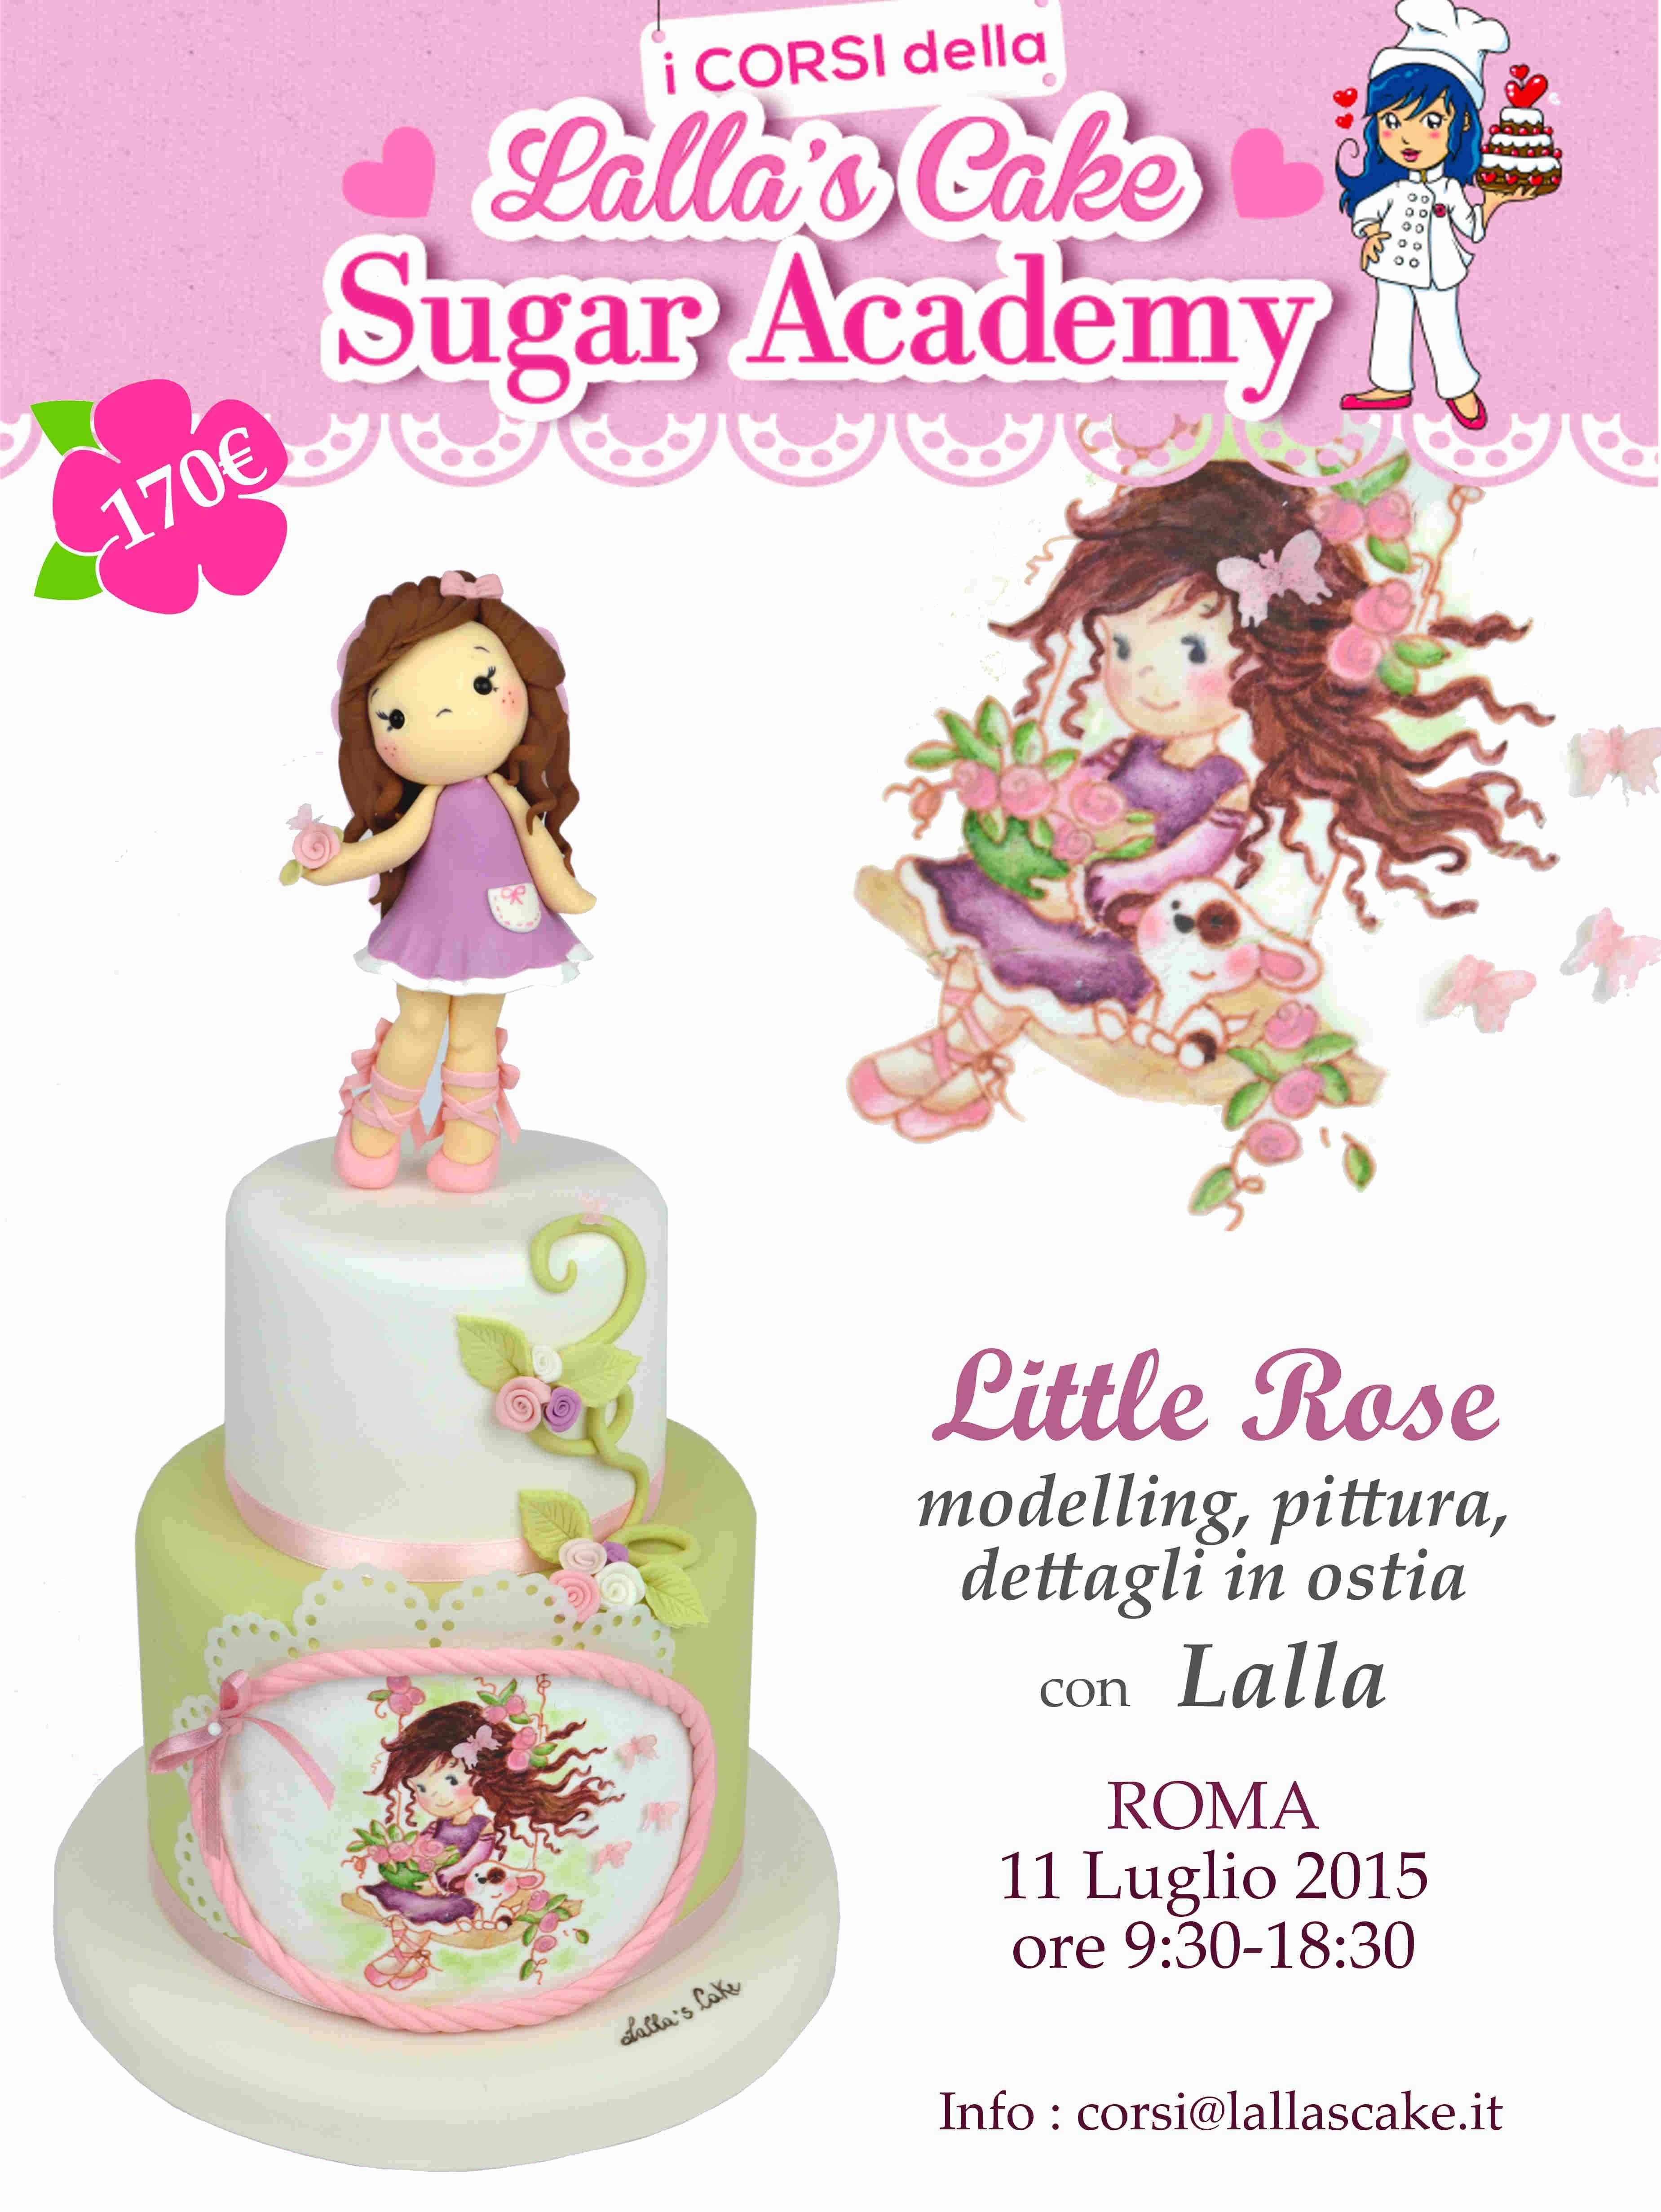 CORSI LUGLIO 2015   Lalla's Cake corsi di cake design, corsi di cake design Roma